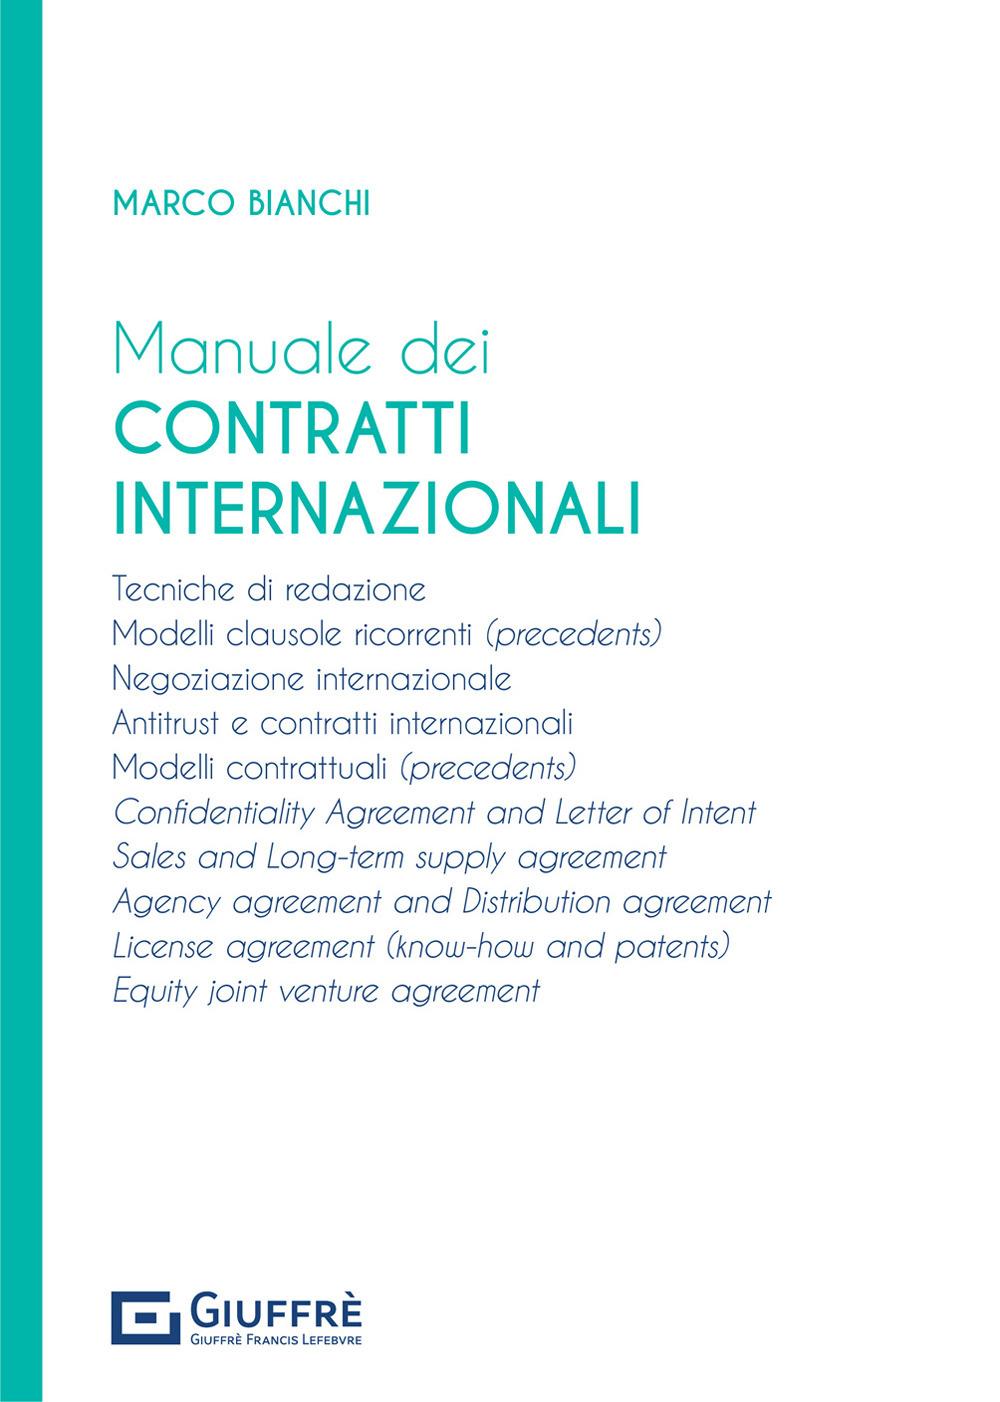 Image of Manuale dei contratti internazionali